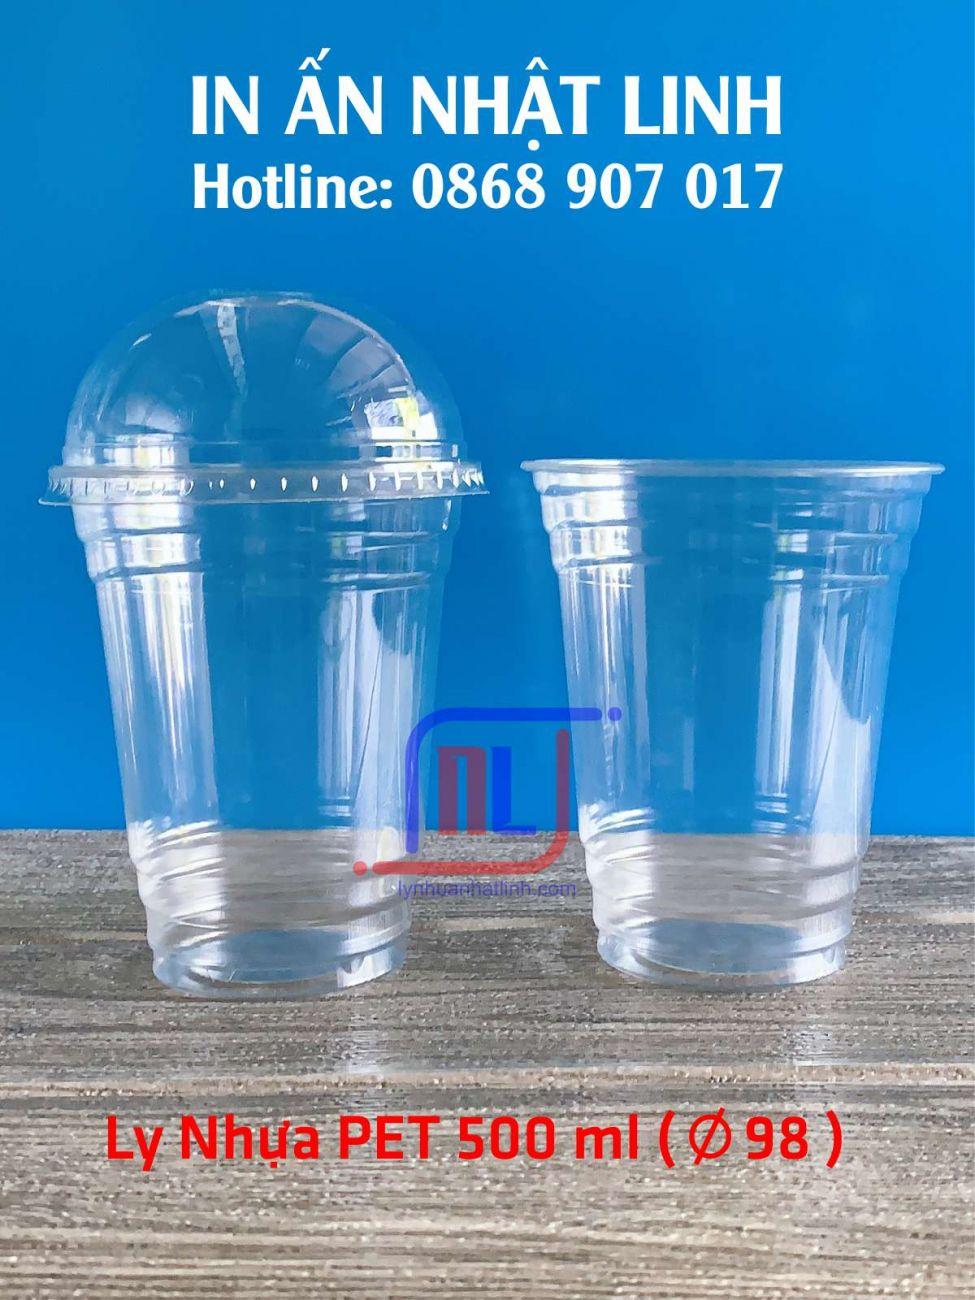 Ly nhựa Pet 500 ml